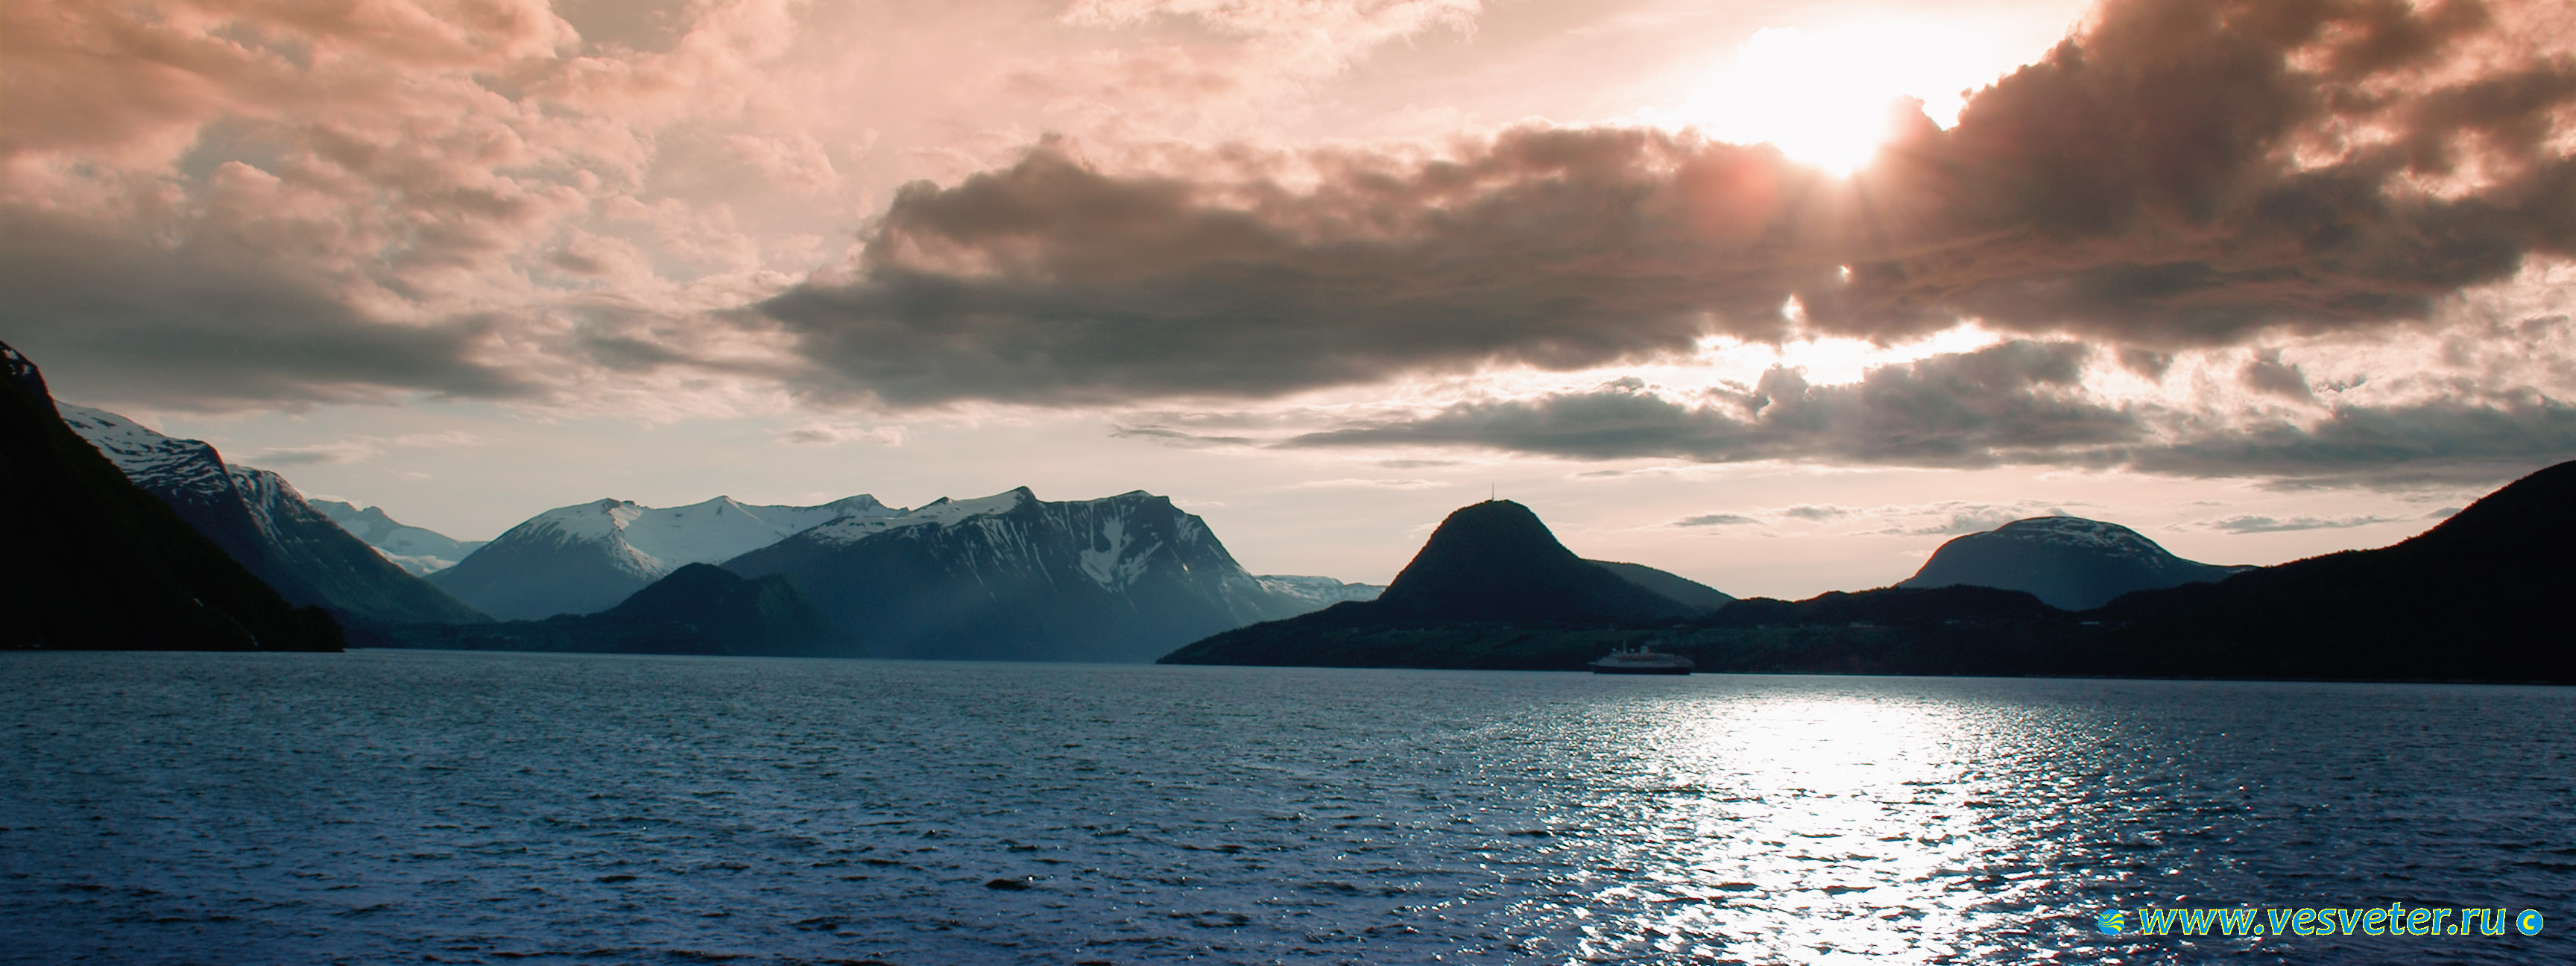 ...норвежские фьорды)больше всего хочется поехать в норвежский Тронхейм,где.